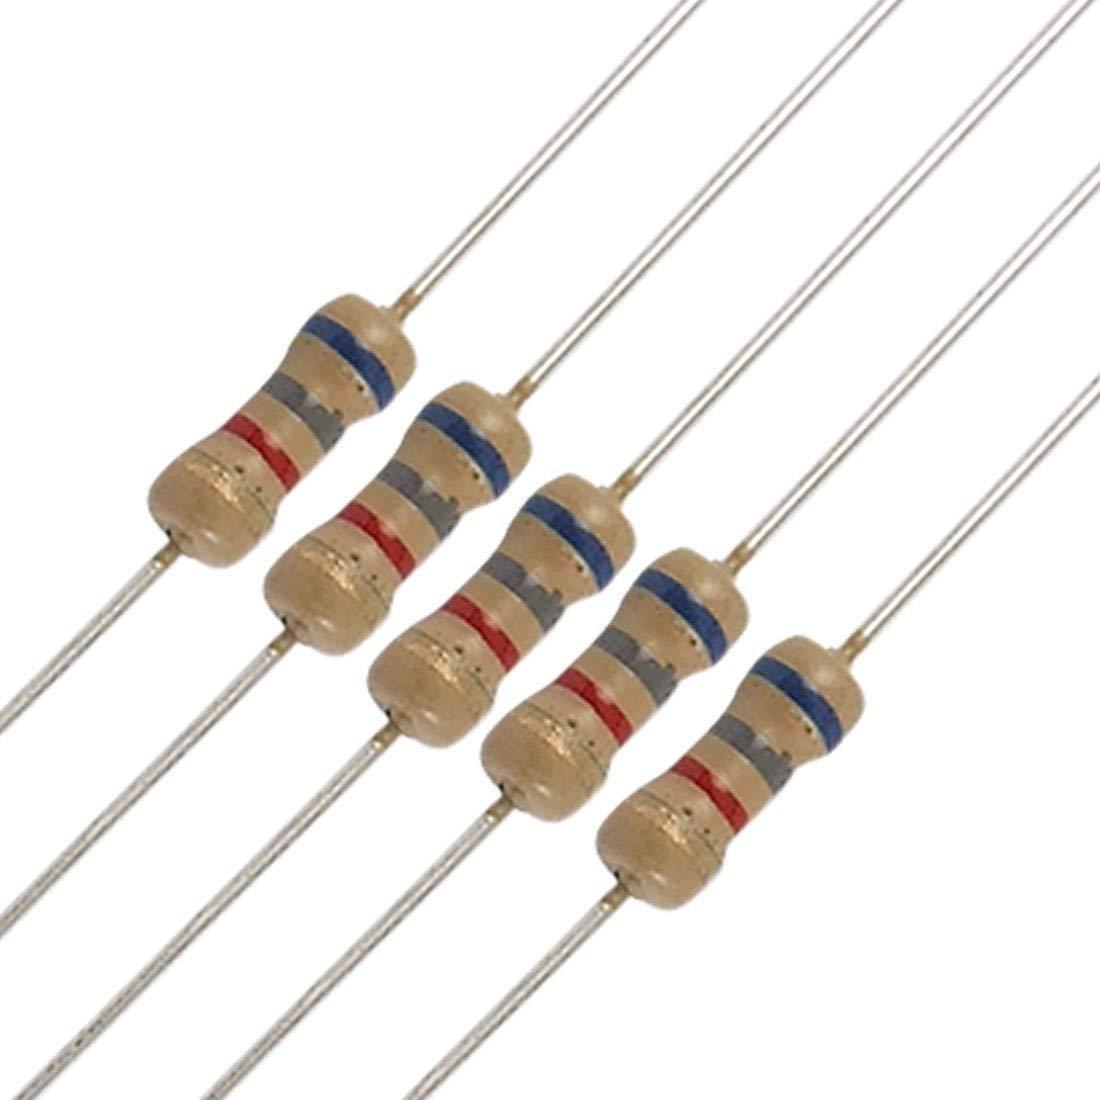 6K8 100 x 6.8k Ohm Carbon Film Resistors 1//4 Watt 5/% Fast USA Shipping